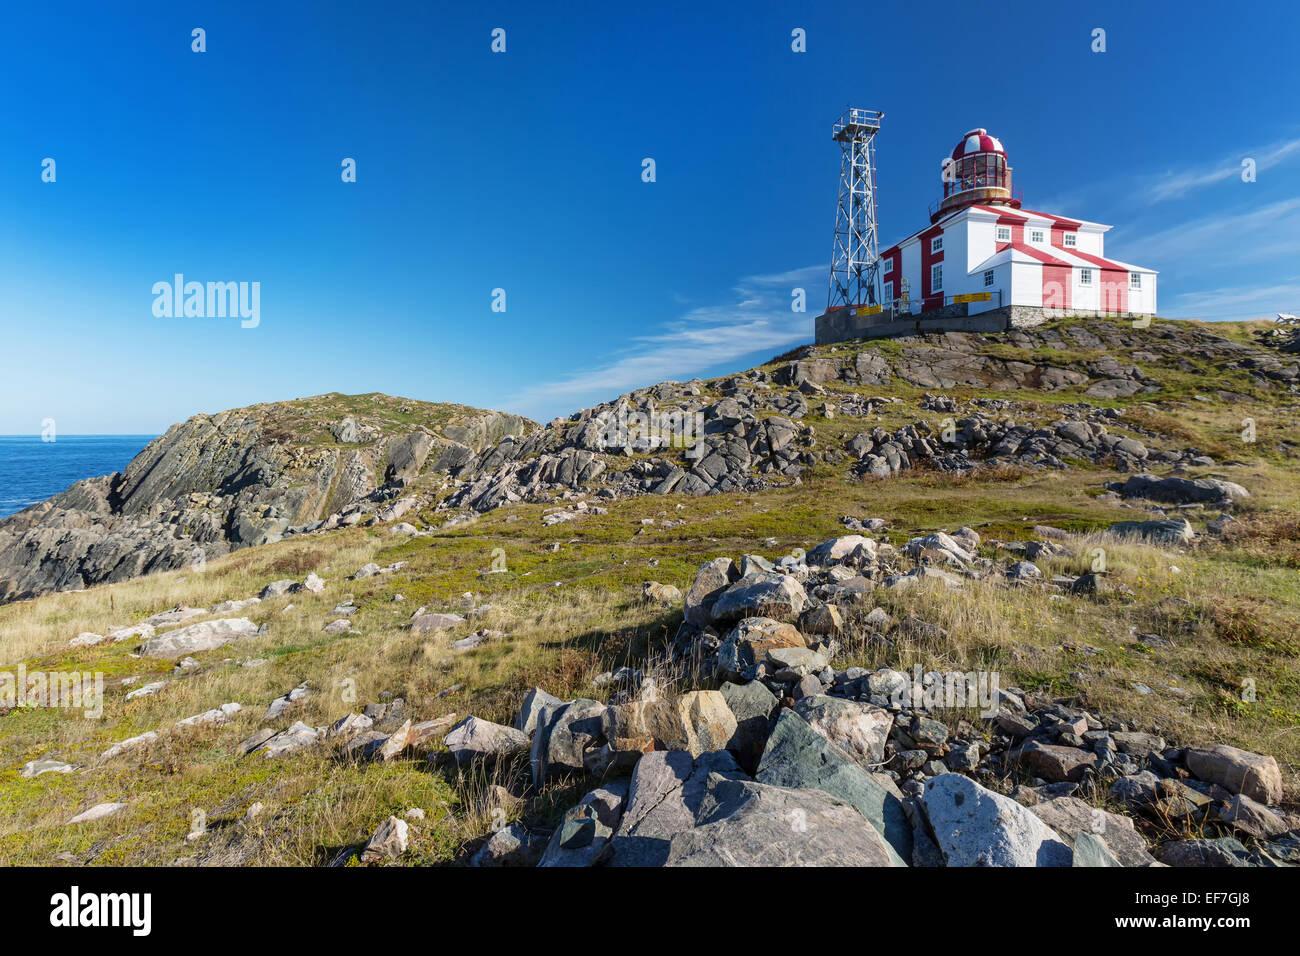 The lighthouse at Cape Bonavista, Bonavista, Newfoundland and Labrador - Stock Image